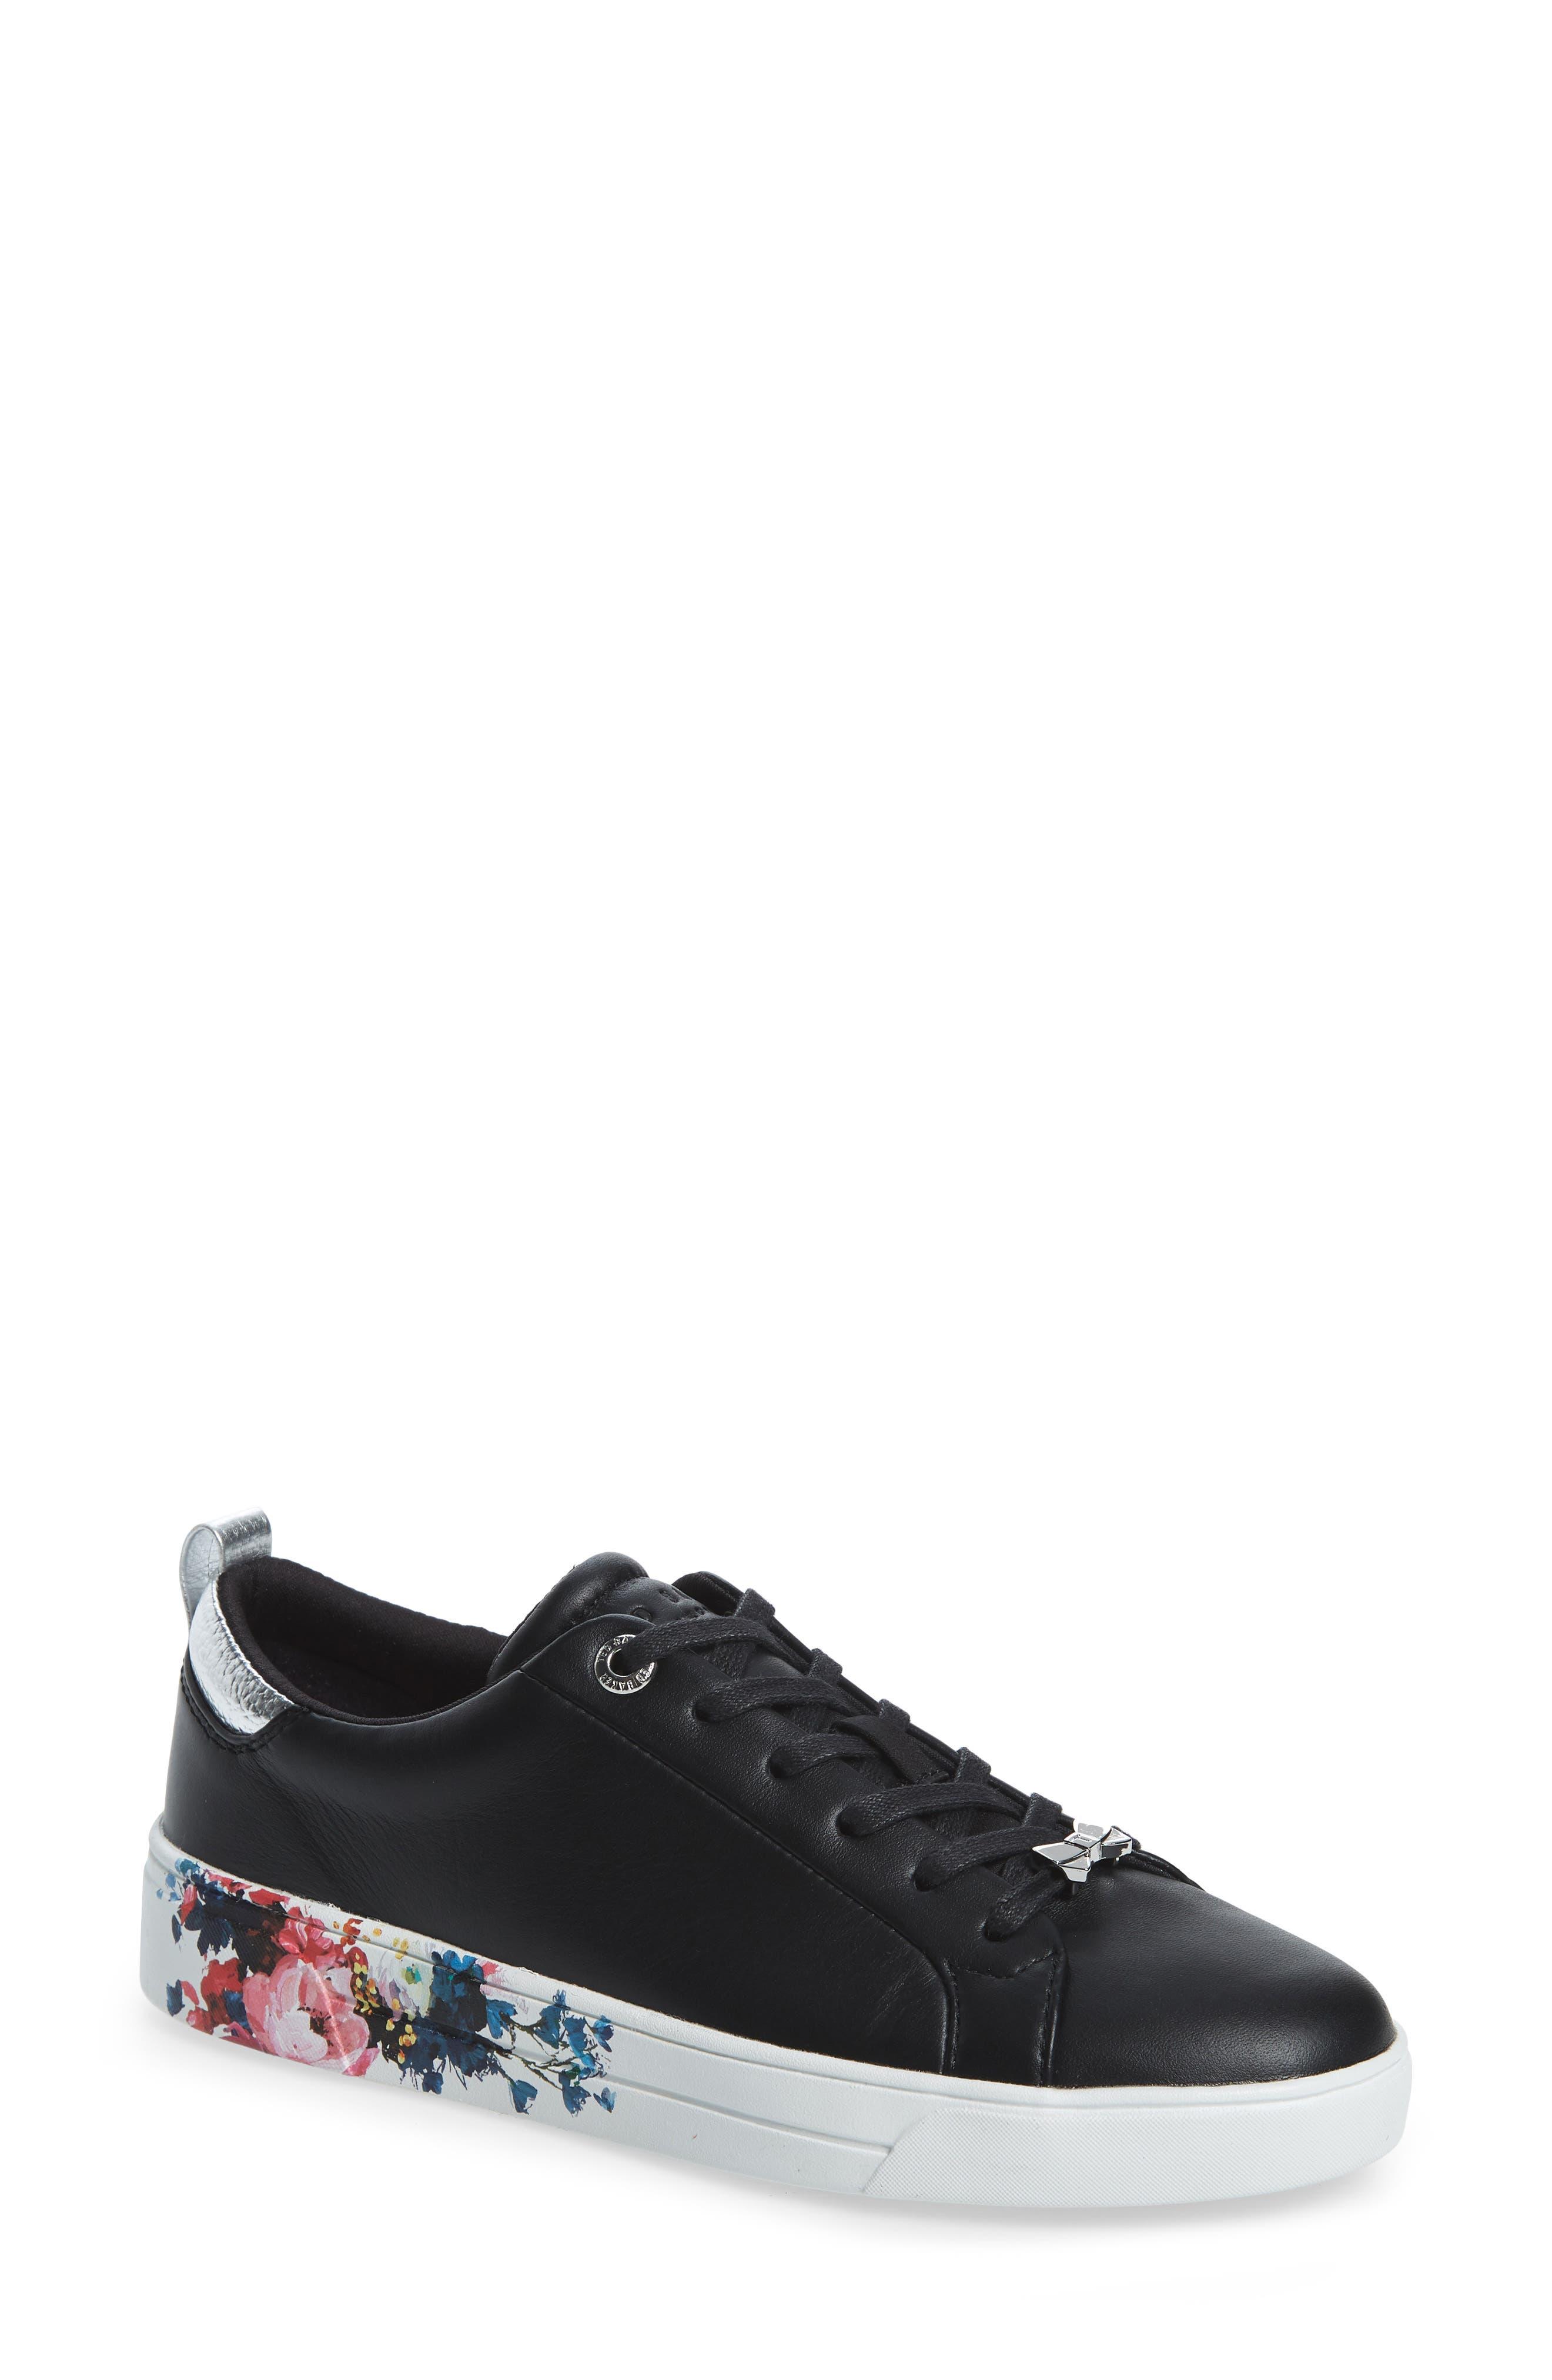 Ted Baker London Roully Sneaker, Black